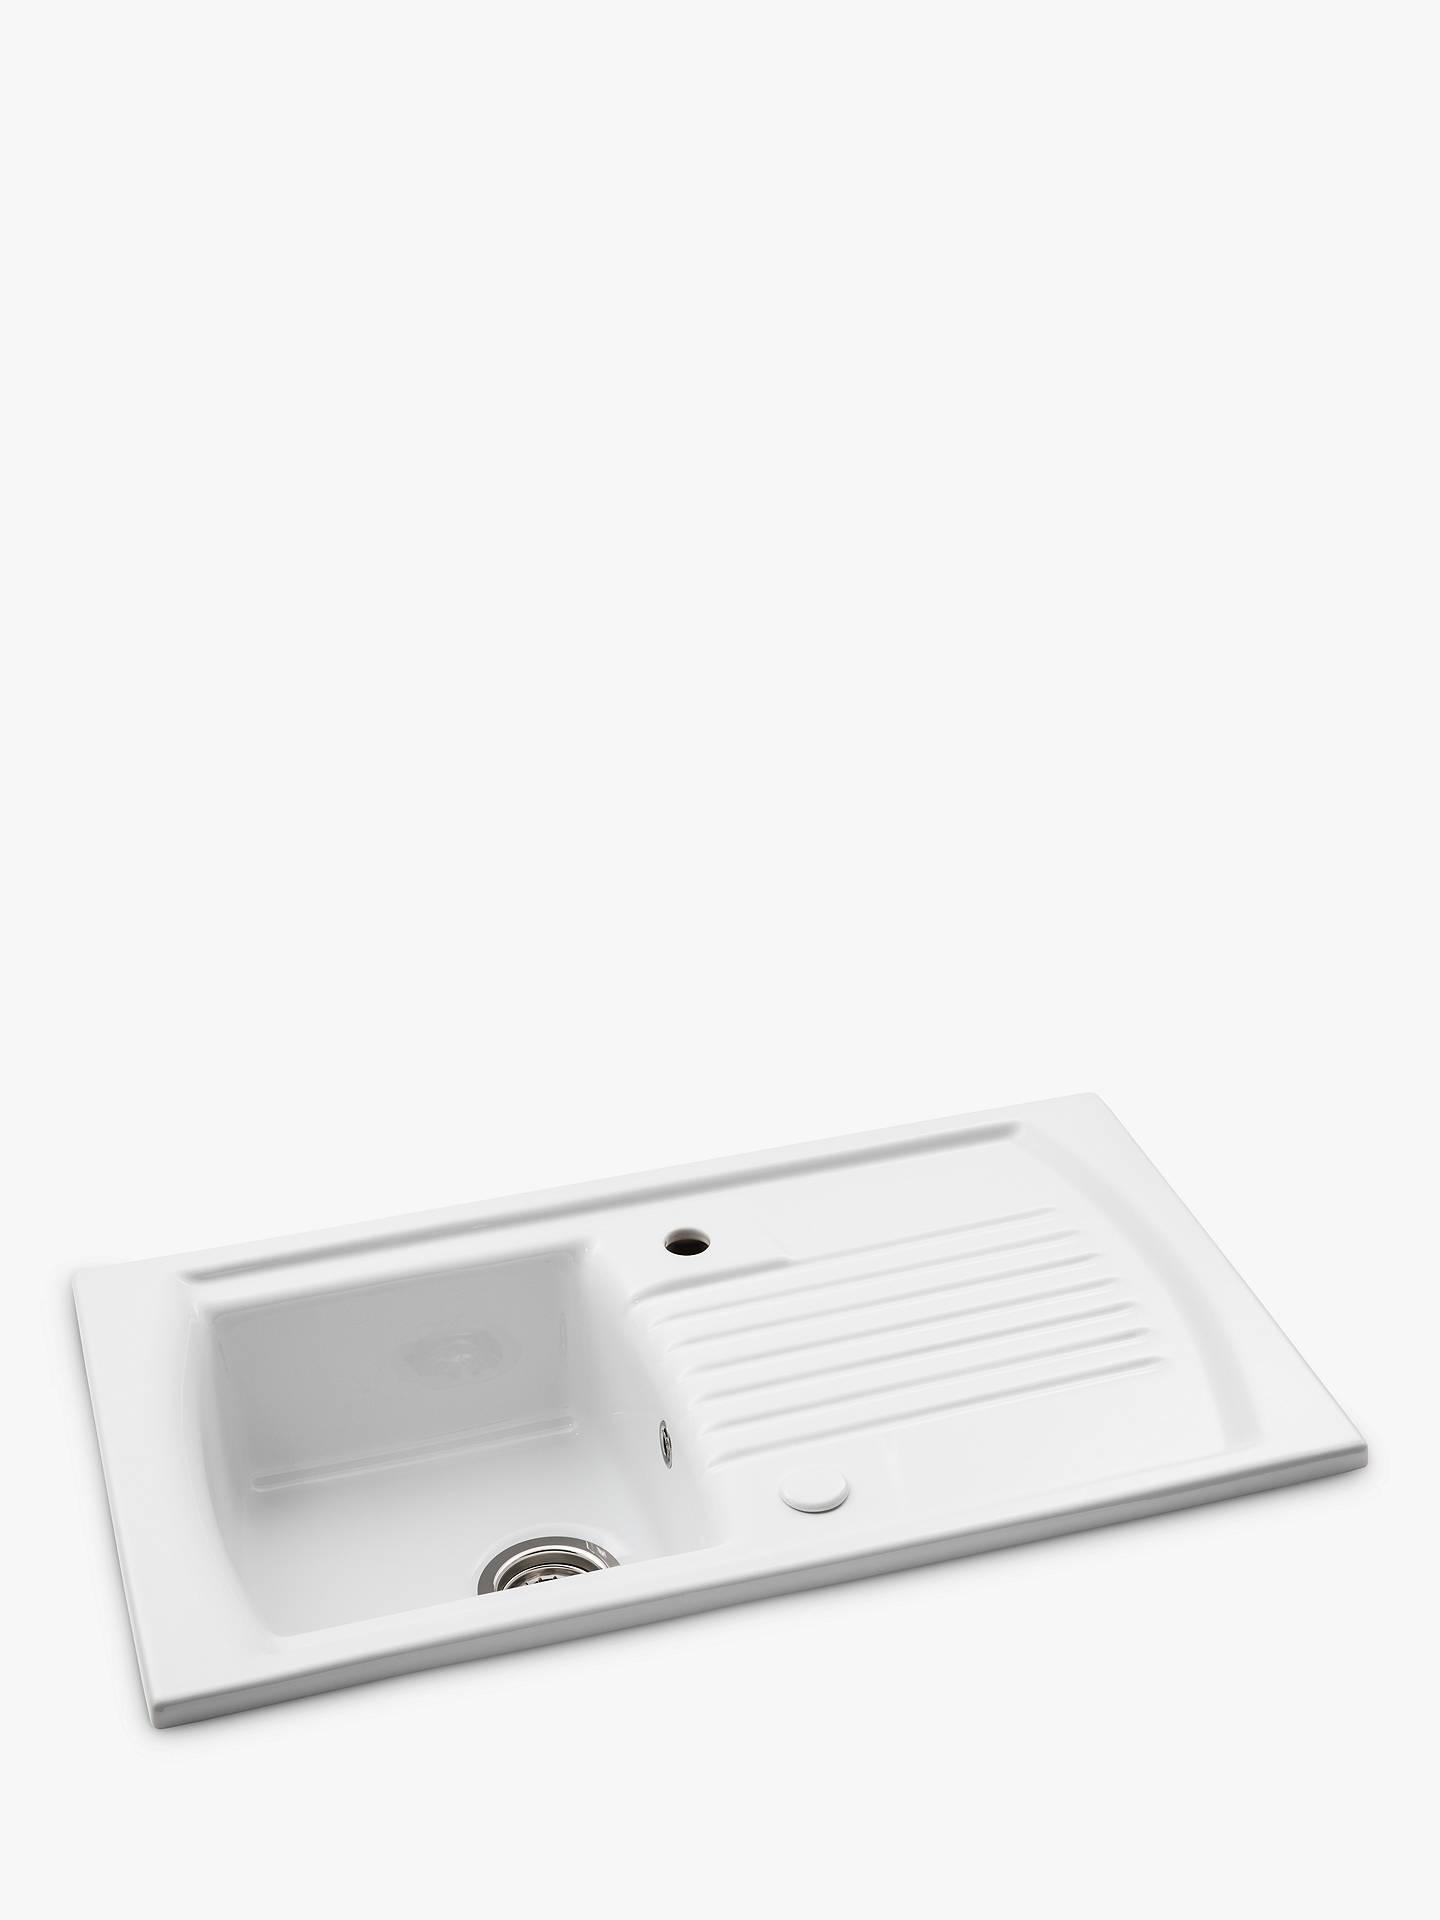 John Lewis Partners Single Bowl Inset Ceramic Kitchen Sink Drainer White At John Lewis Partners